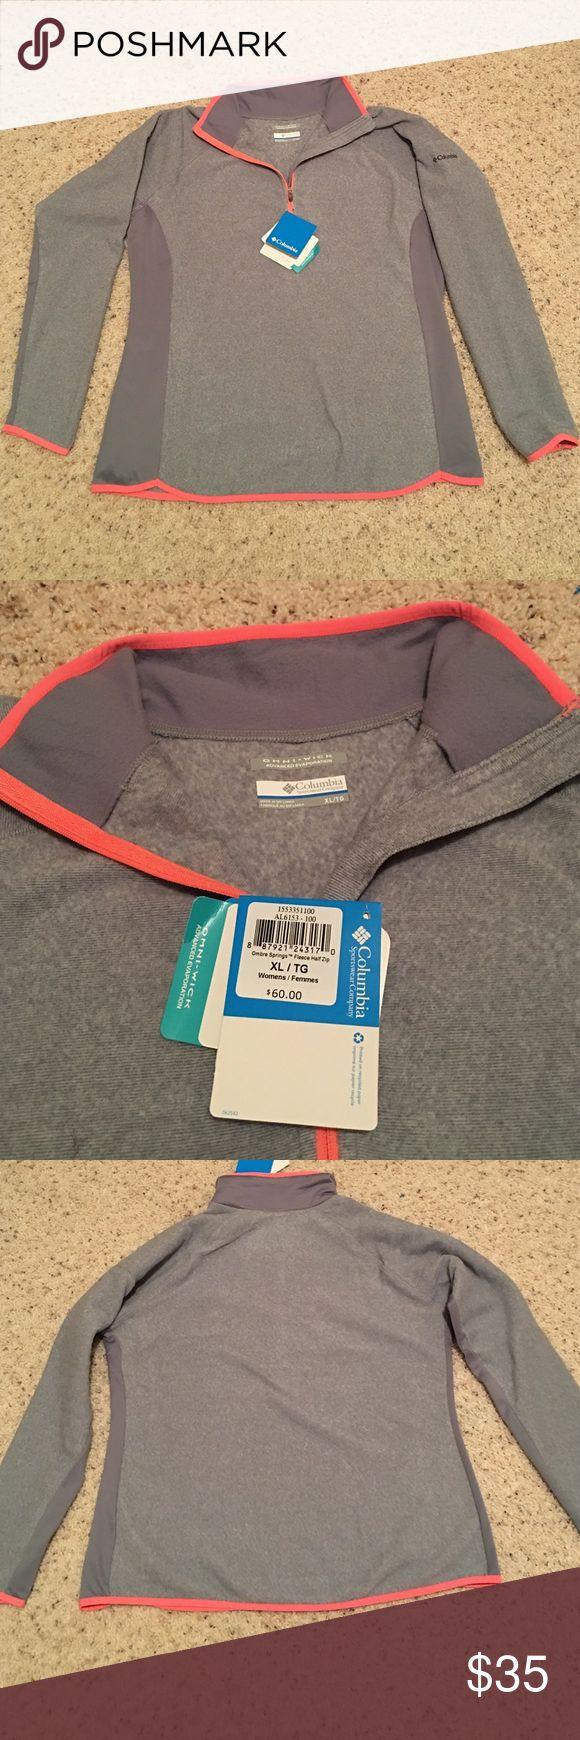 Women's Columbia zip up xl Women's Columbia fleece zip up, grey and neon orange in color, never been worn. Columbia Tops Sweatshirts & Hoodies